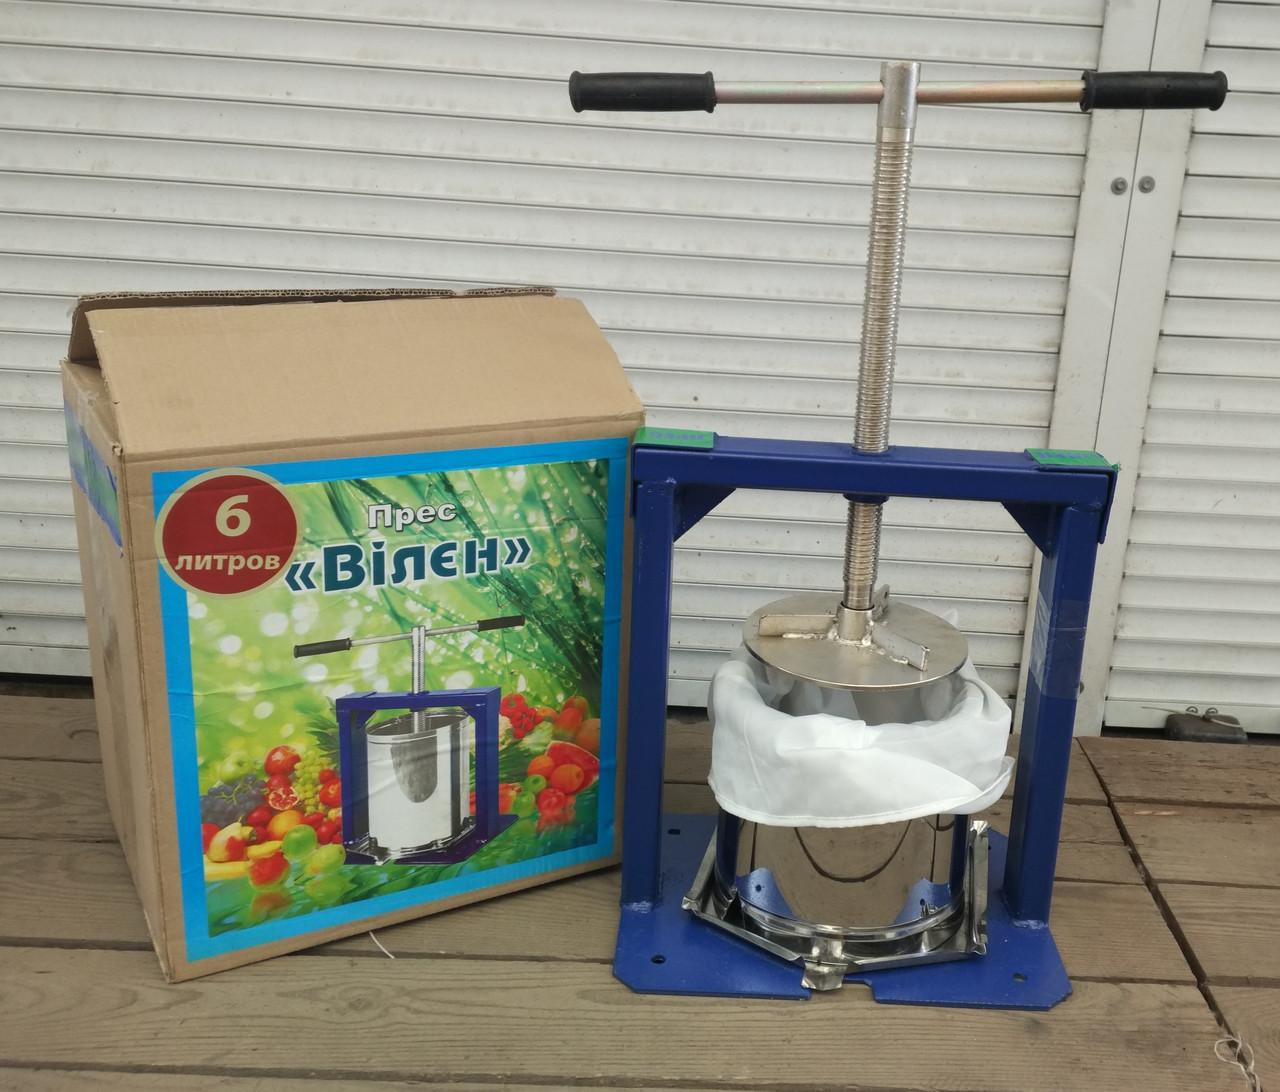 Ручные механические соковыжималки Вилен 6 литров